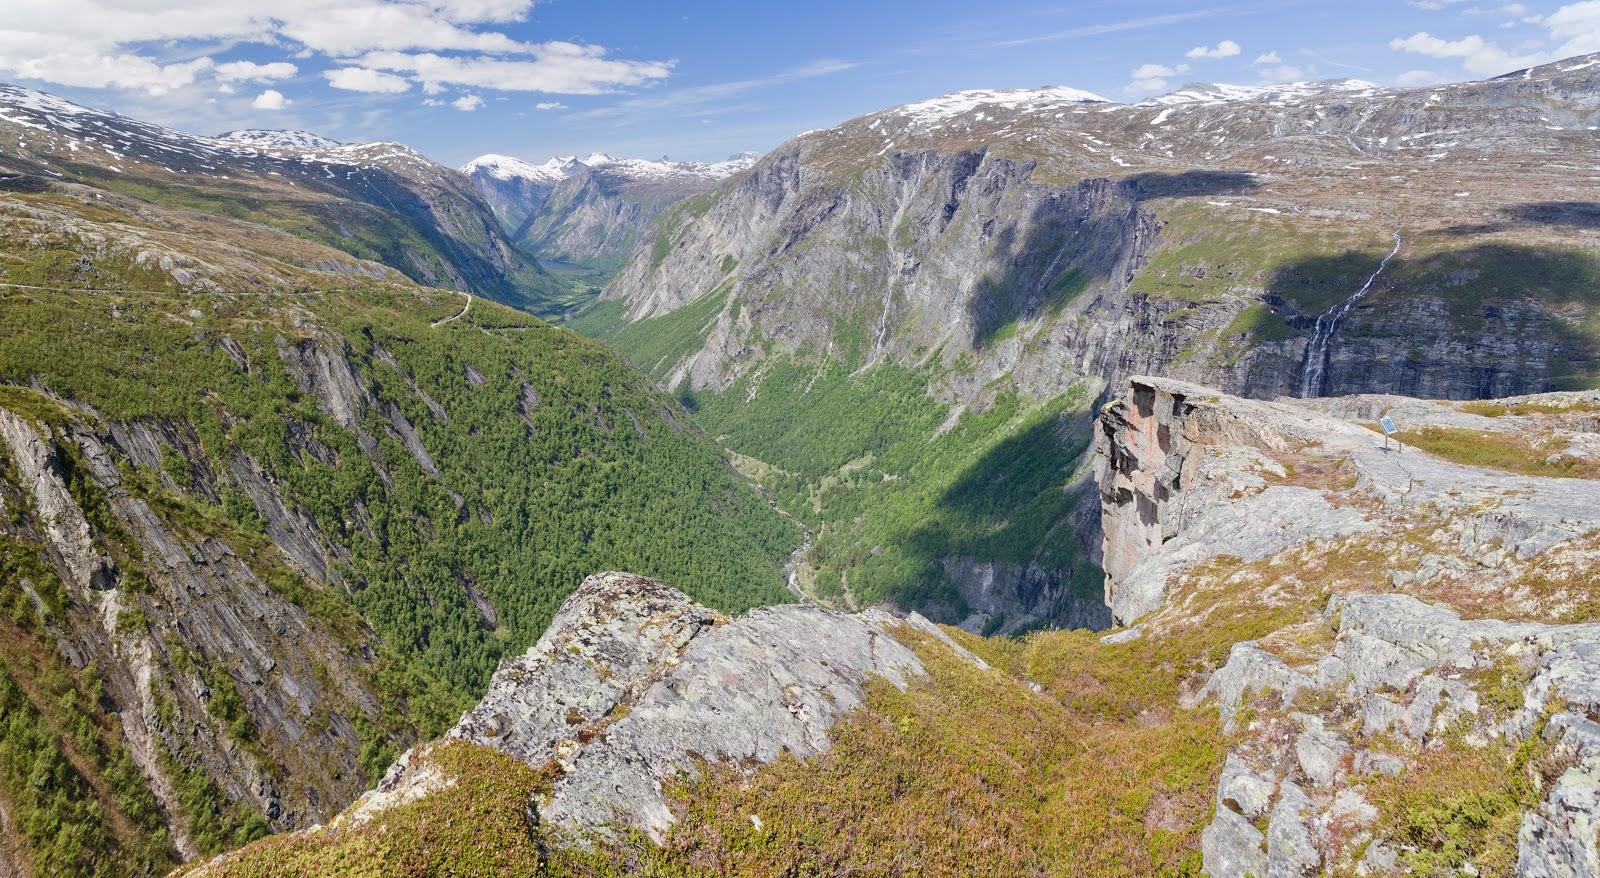 崖っ淵:ノルウェーのムーレ・オ・ロムスダール県のアイケンドールンのネセットのアウルスタウペのアイケンドールン滝の眺め